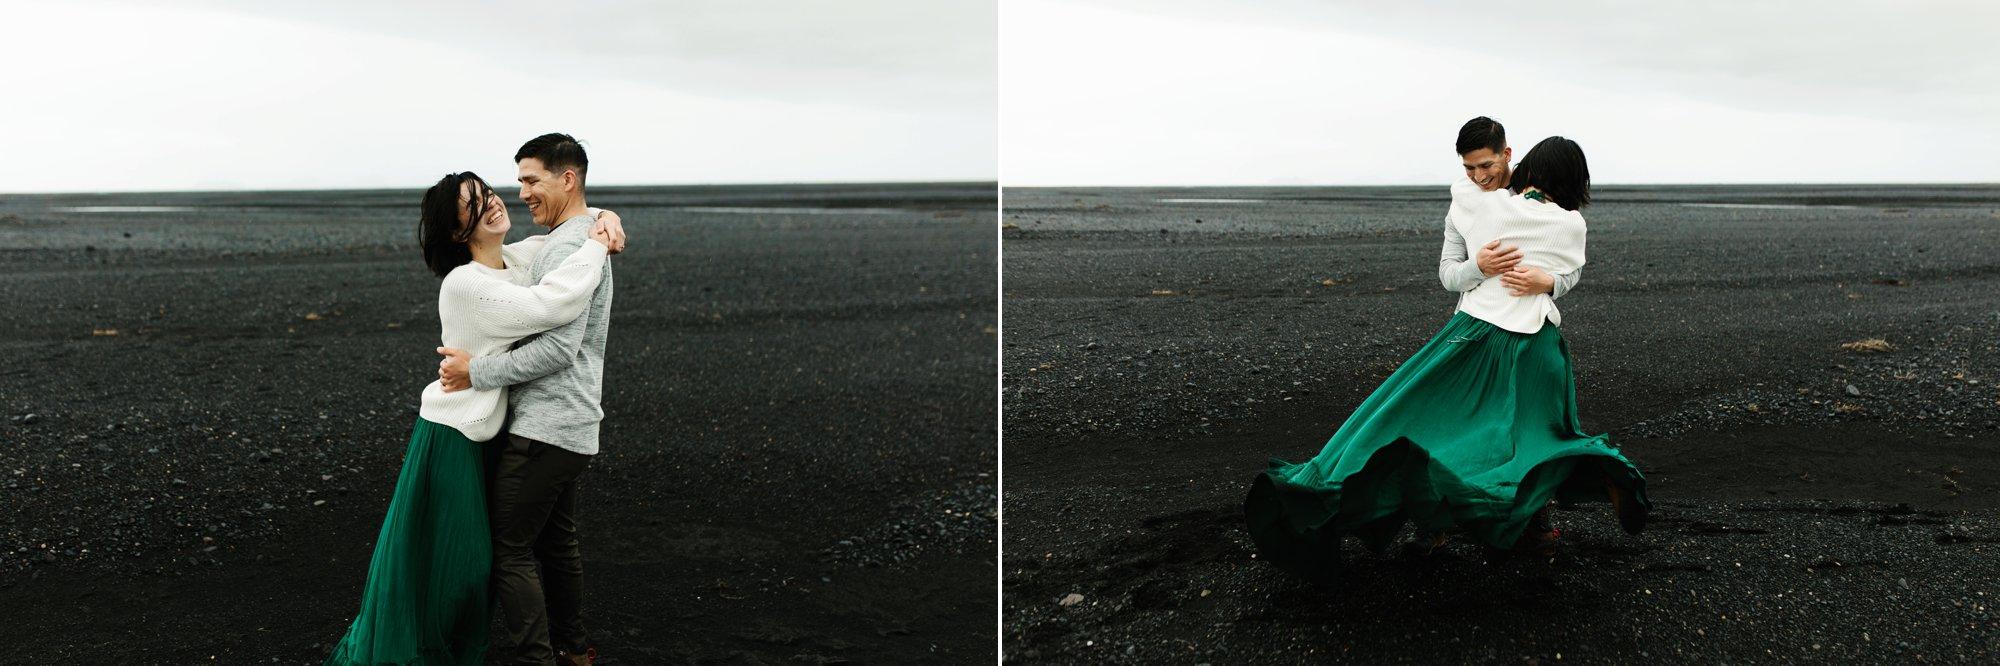 2018-07-11_0023.jpg